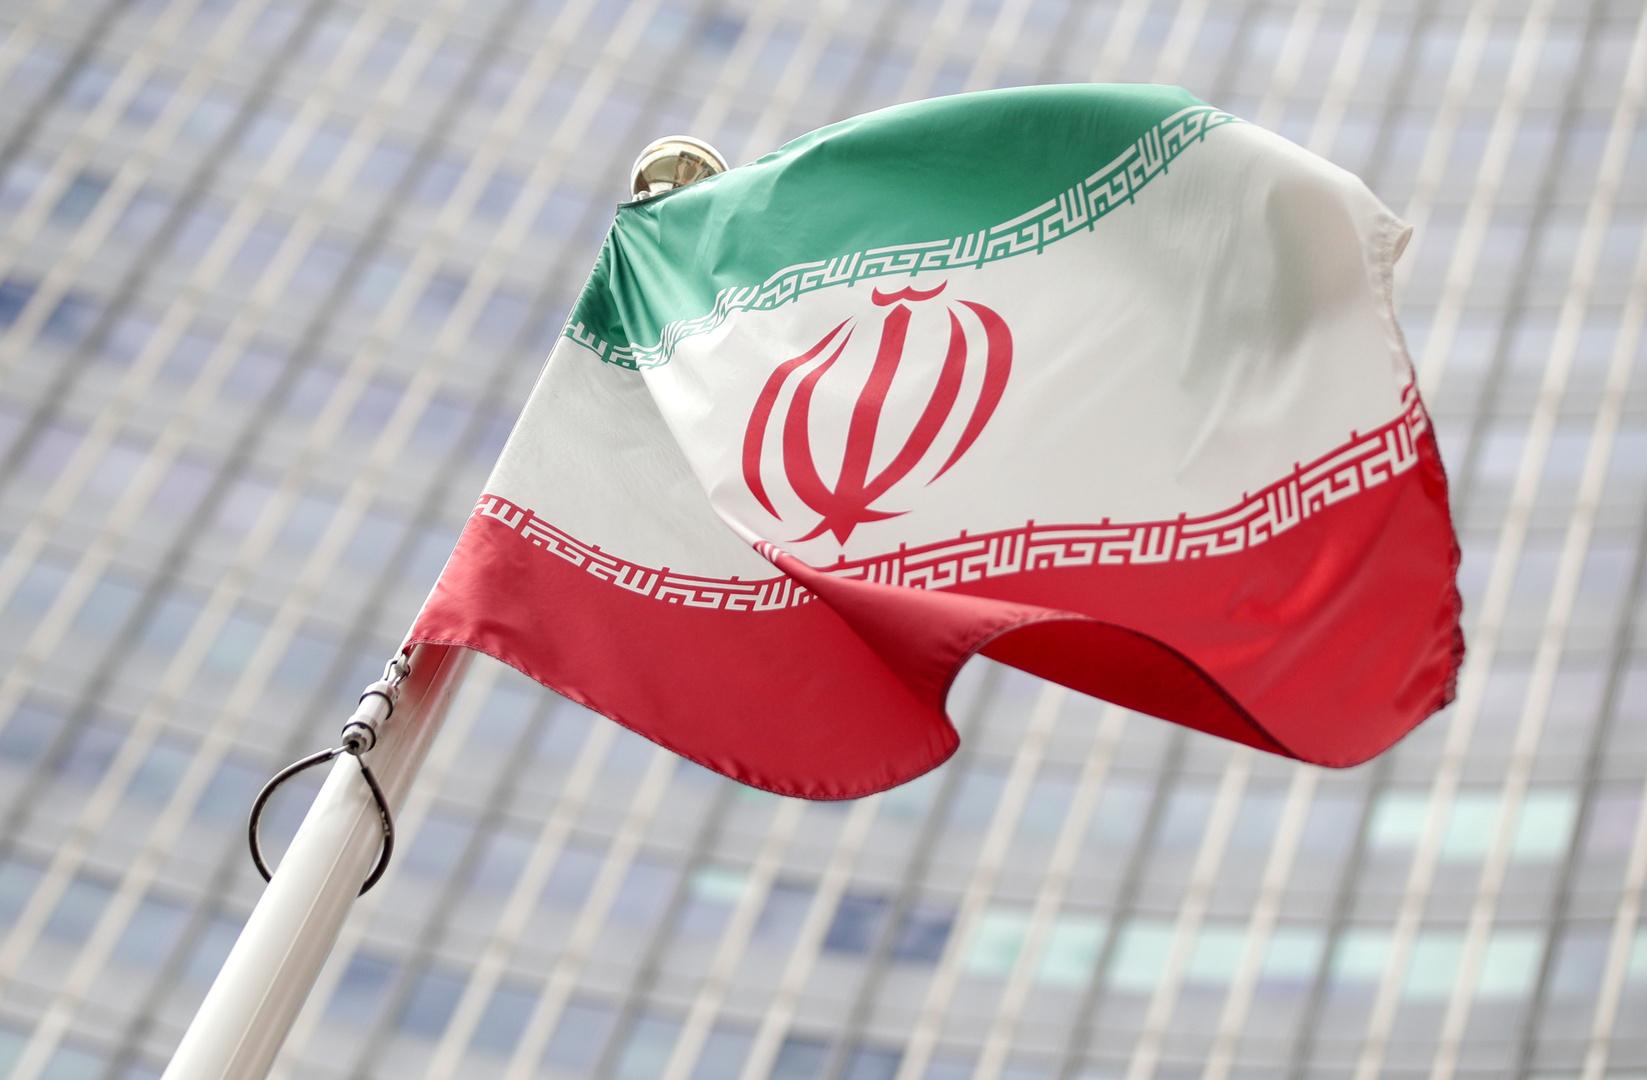 محكمة أمريكية تصدر أحكاما بالسجن على إيرانيين اثنين بتهمة التجسس